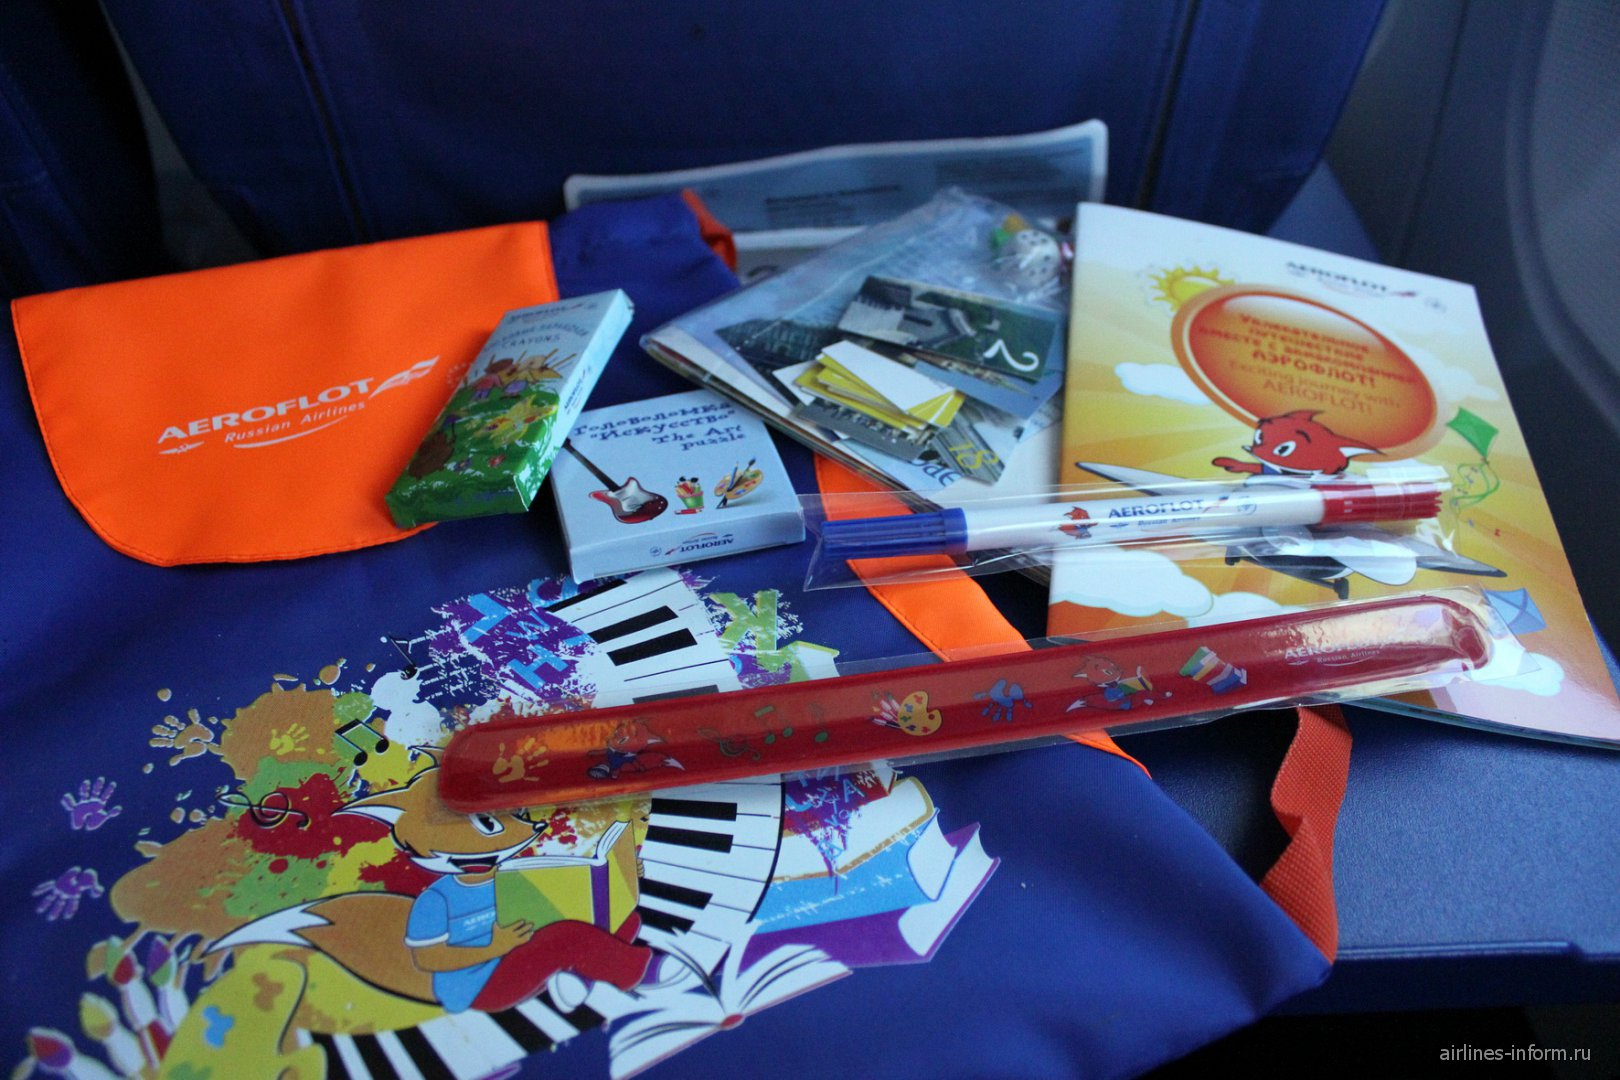 Бортовой набор Аэрофлота для детей от 5 до 12 лет